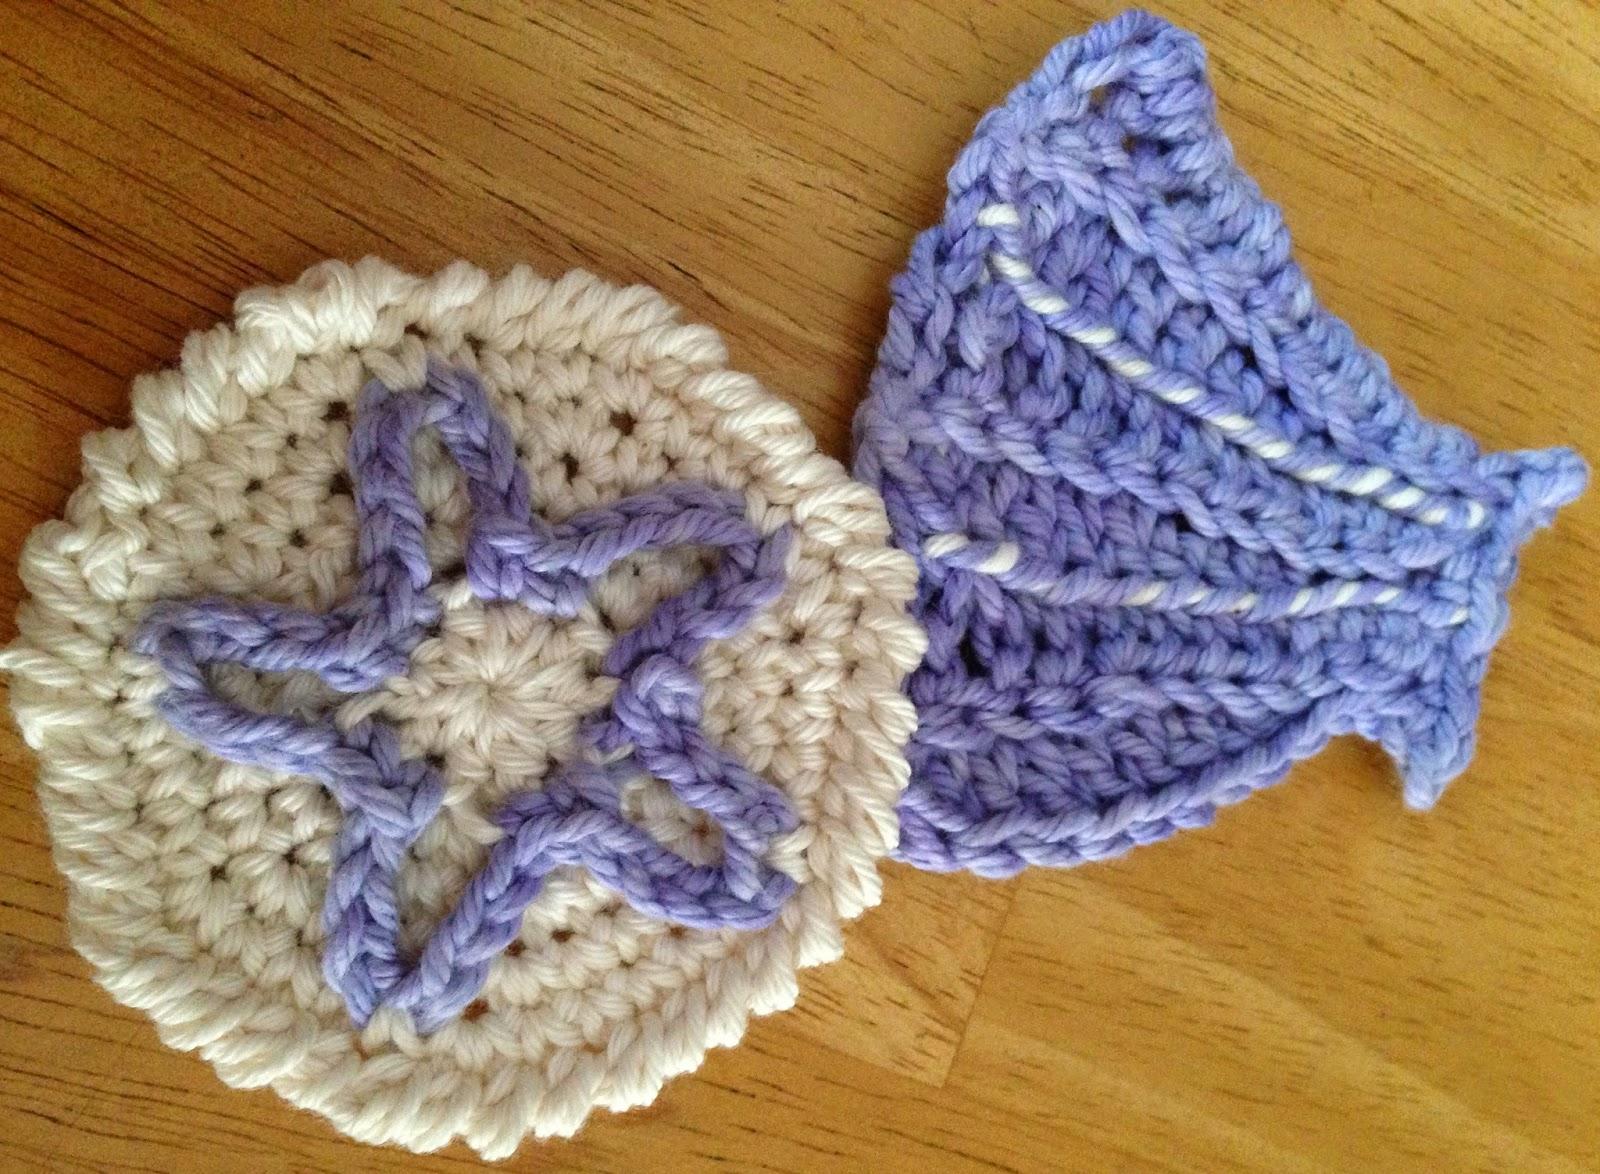 Crochet Sea Motifs Free Patterns : Das Crochet Connection: Sea Shell Motifs/Garland #2